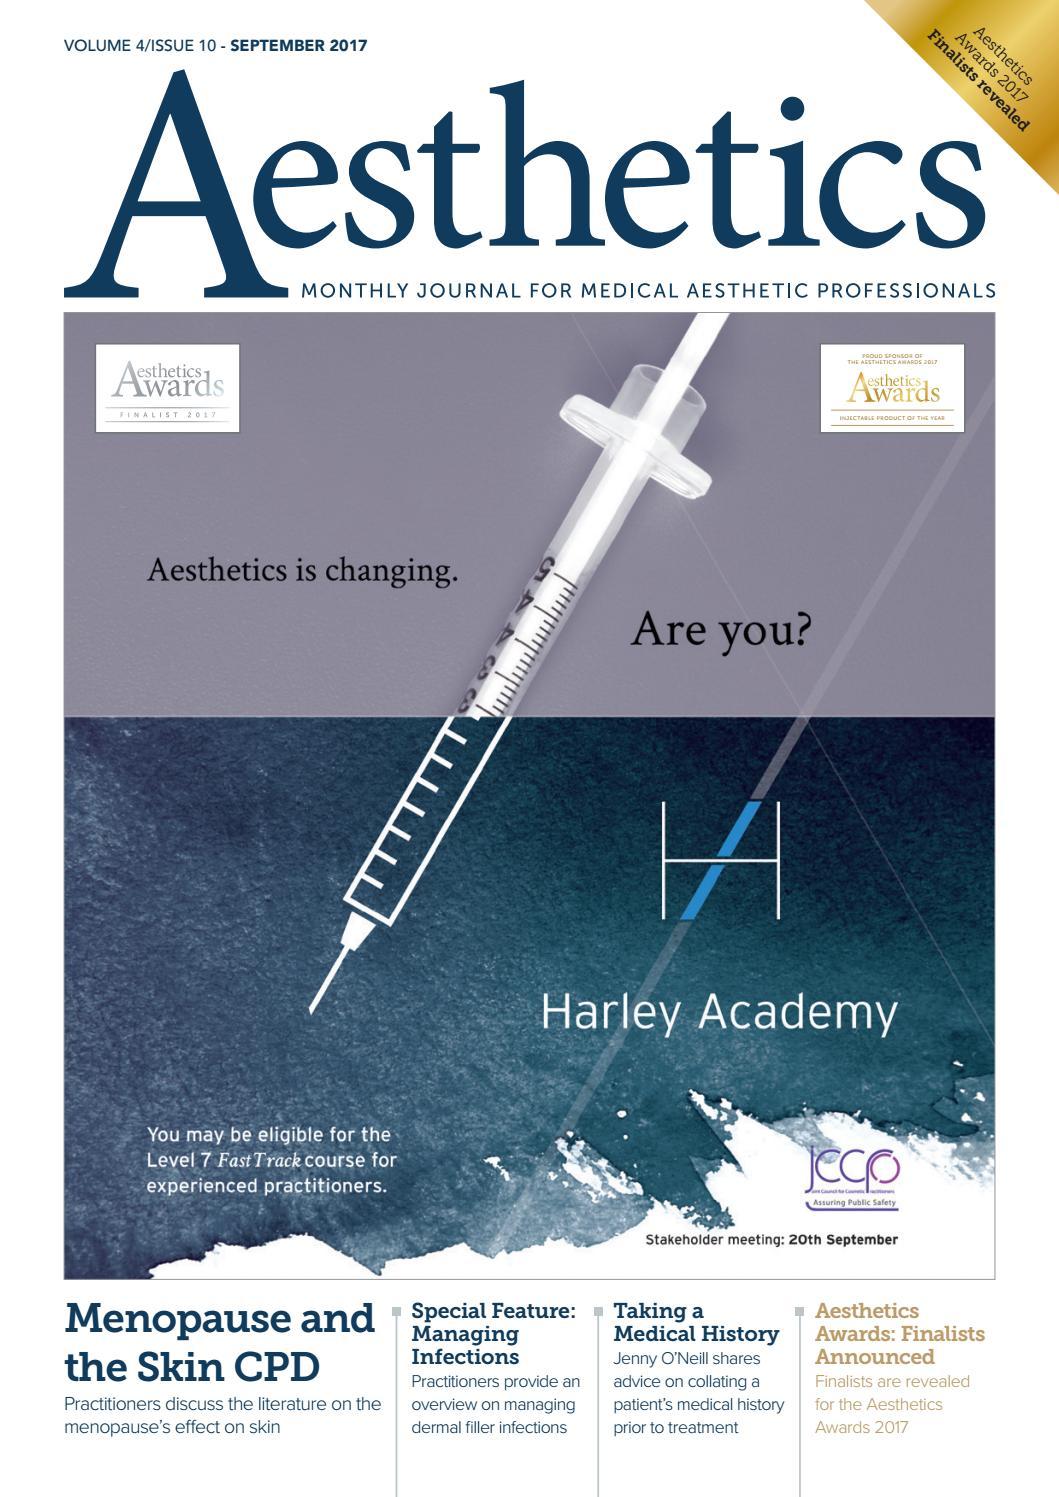 675504d52508 Aesthetics September 2017 by Aesthetics Journal - issuu